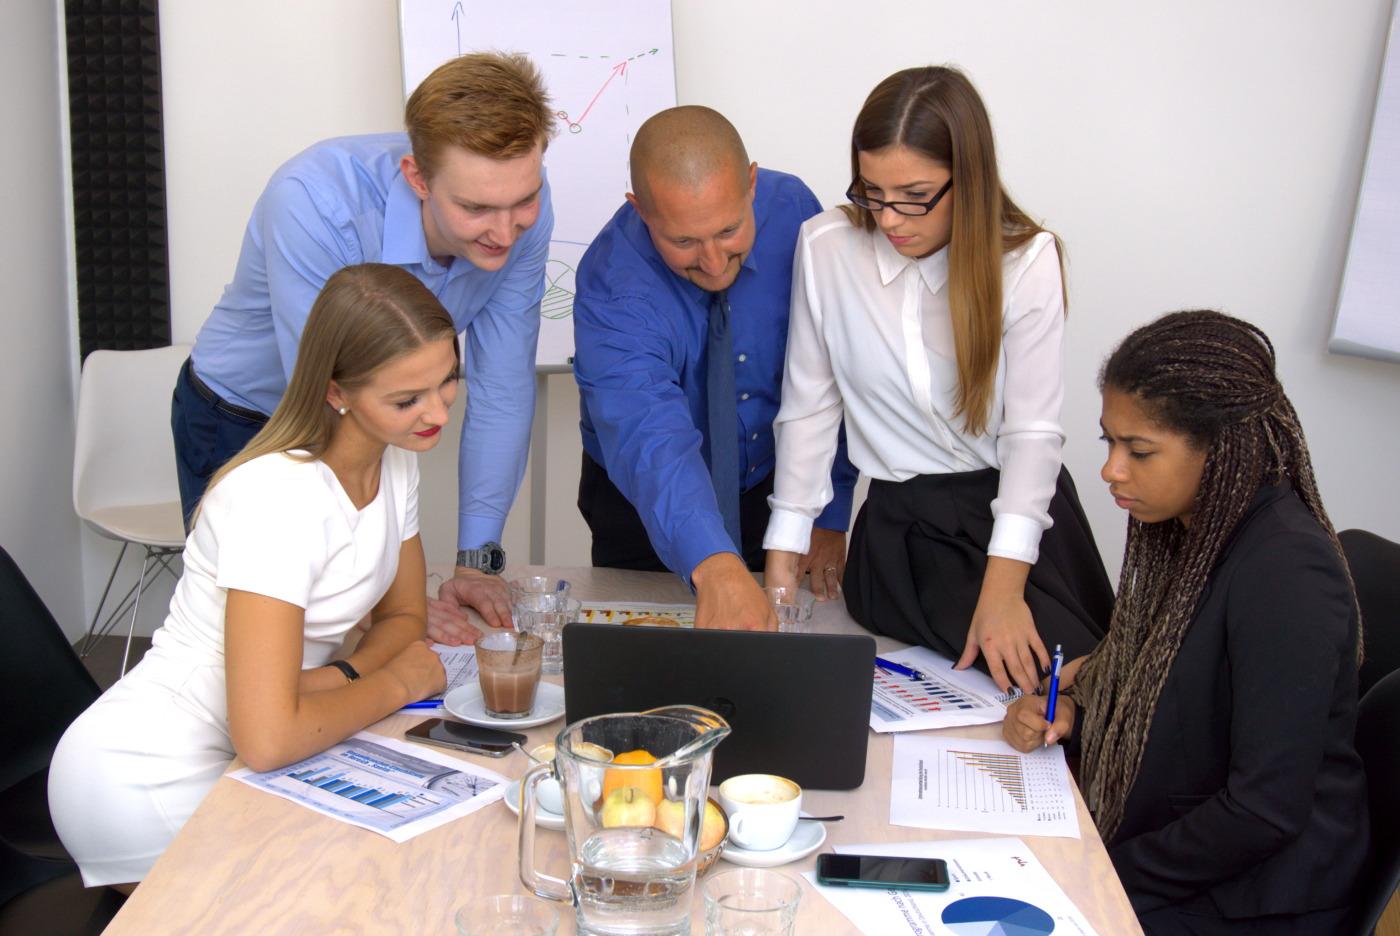 Startup Team arbeitet gemeinsam an einem Laptop – Teamarbeit